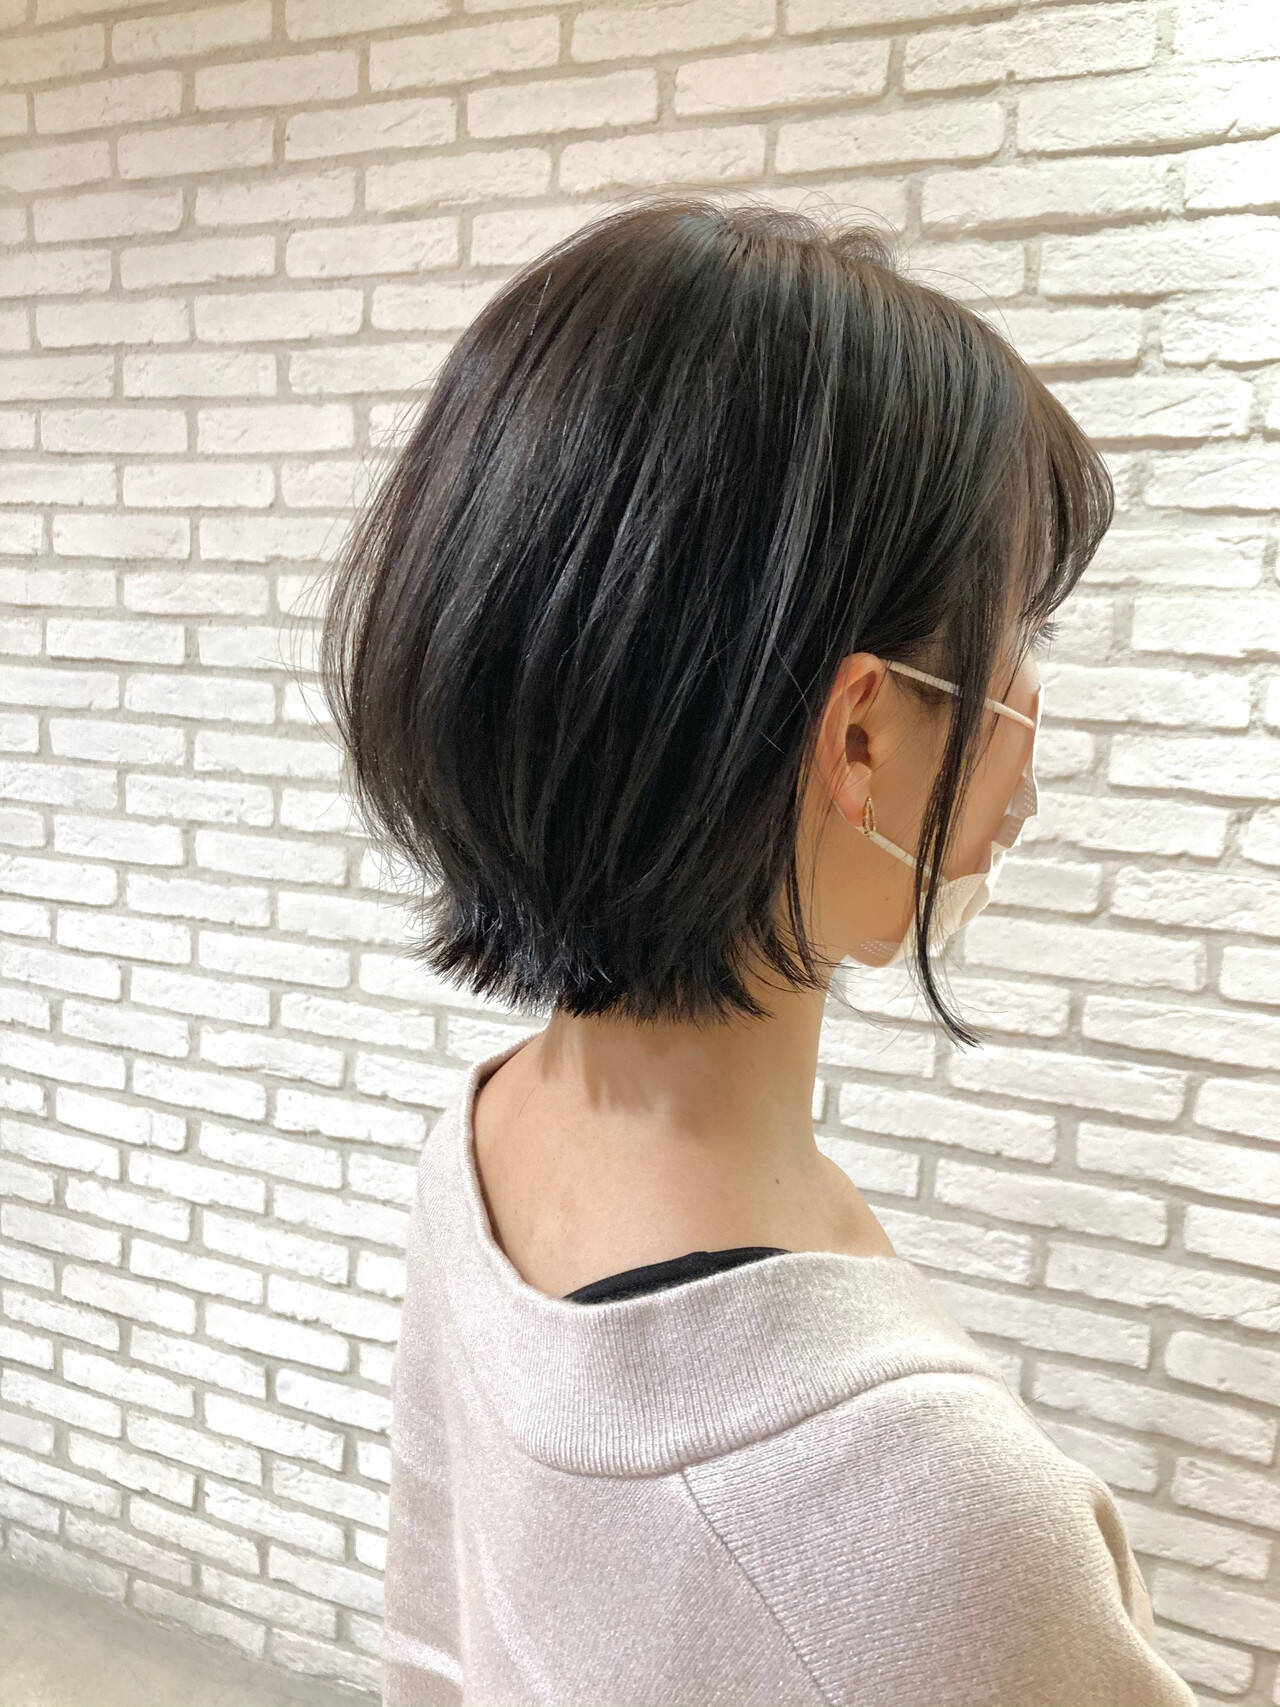 大人ミディアム ひし形シルエット 透明感 外国人風ヘアスタイルや髪型の写真・画像